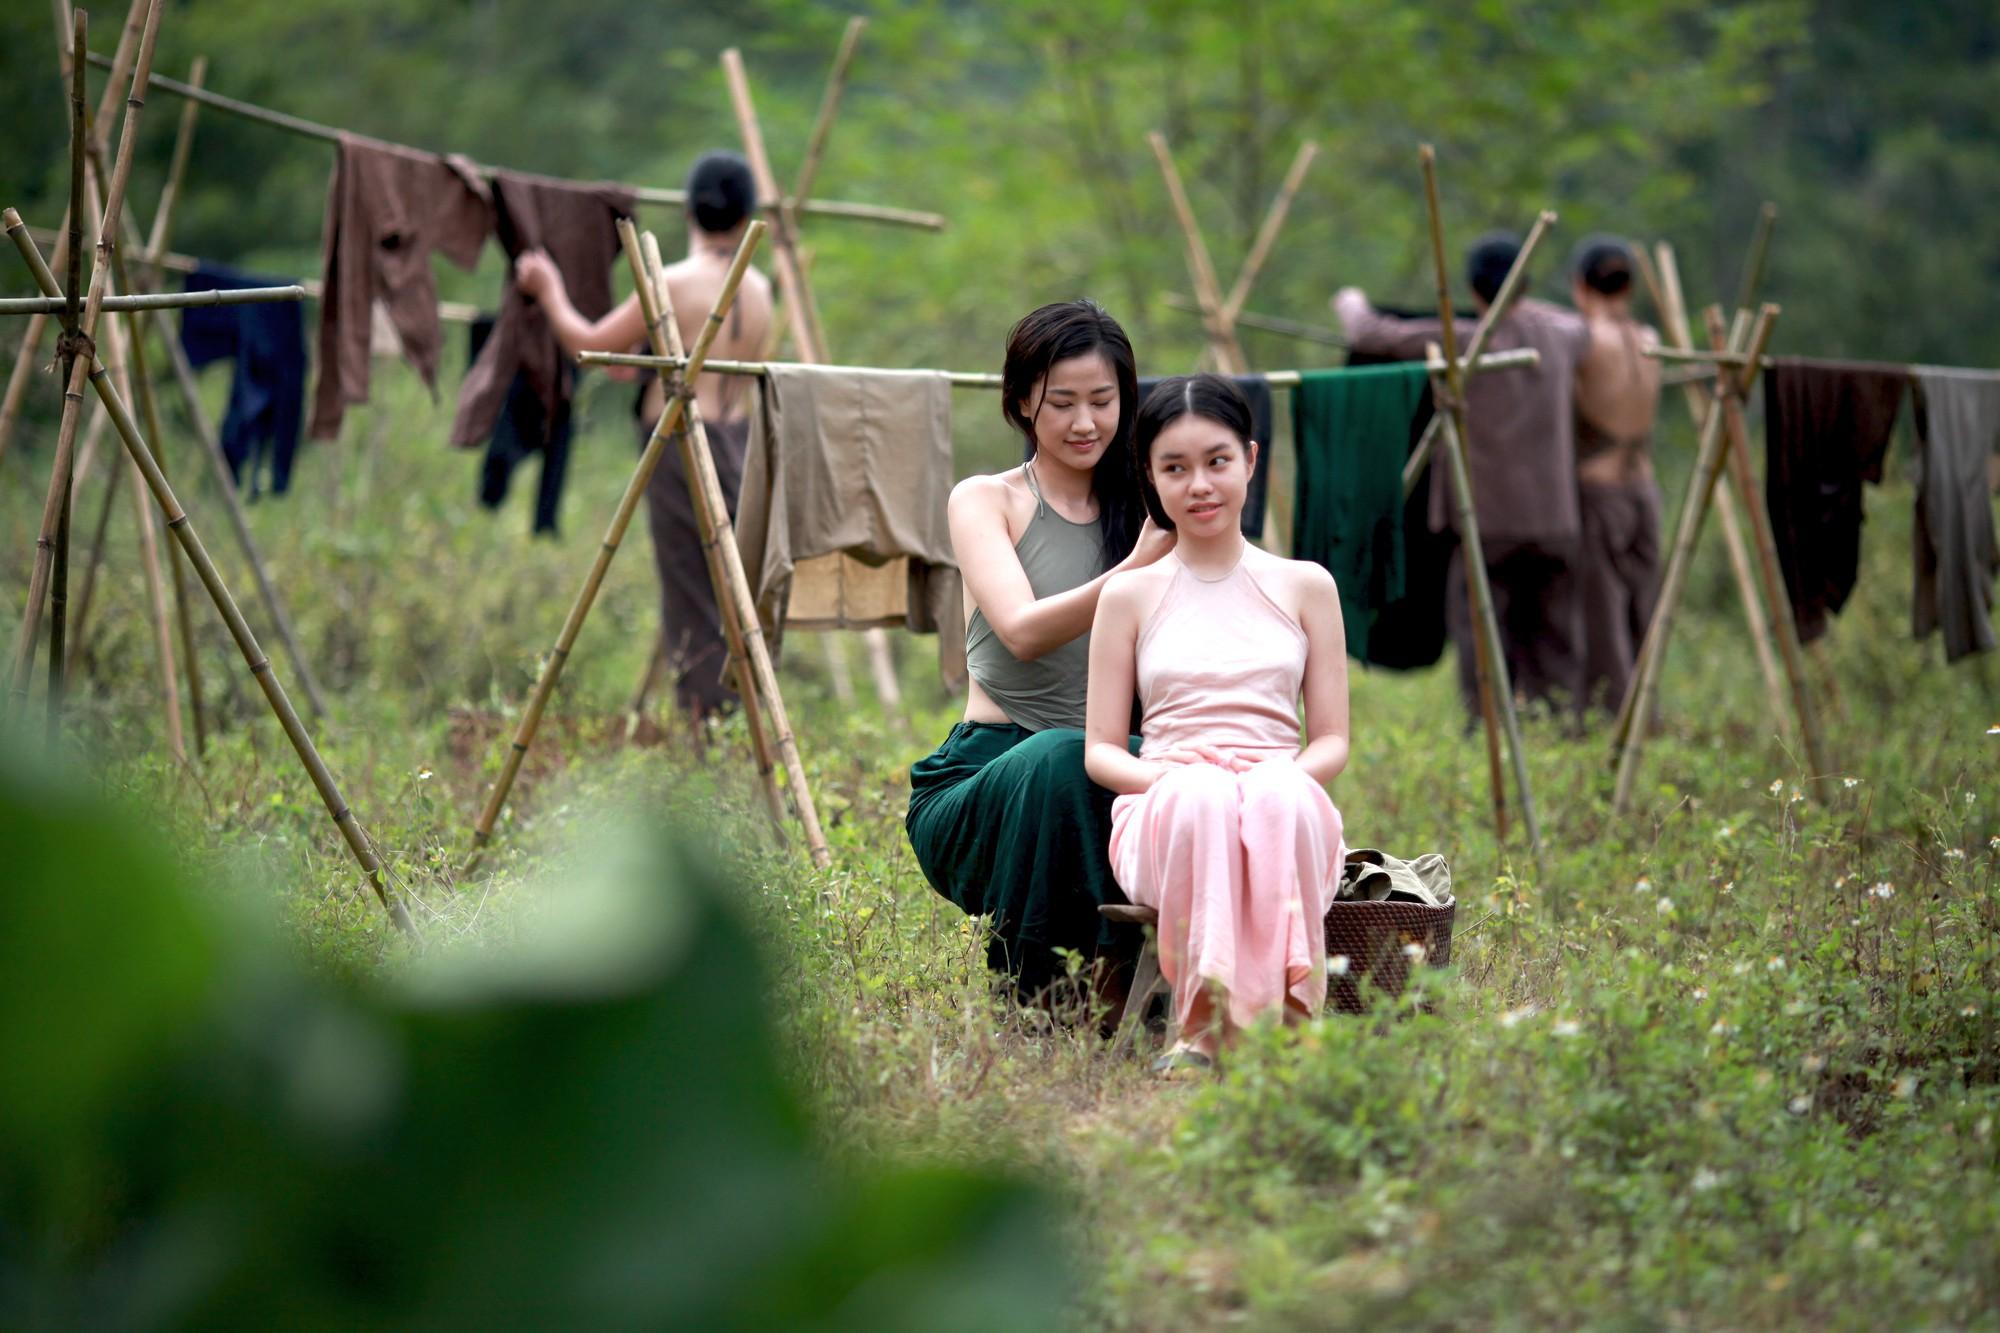 Gây tranh cãi vì cảnh nóng của diễn viên chưa đủ tuổi, báo chí nước ngoài nhận xét gì về Vợ Ba? - Hình 4